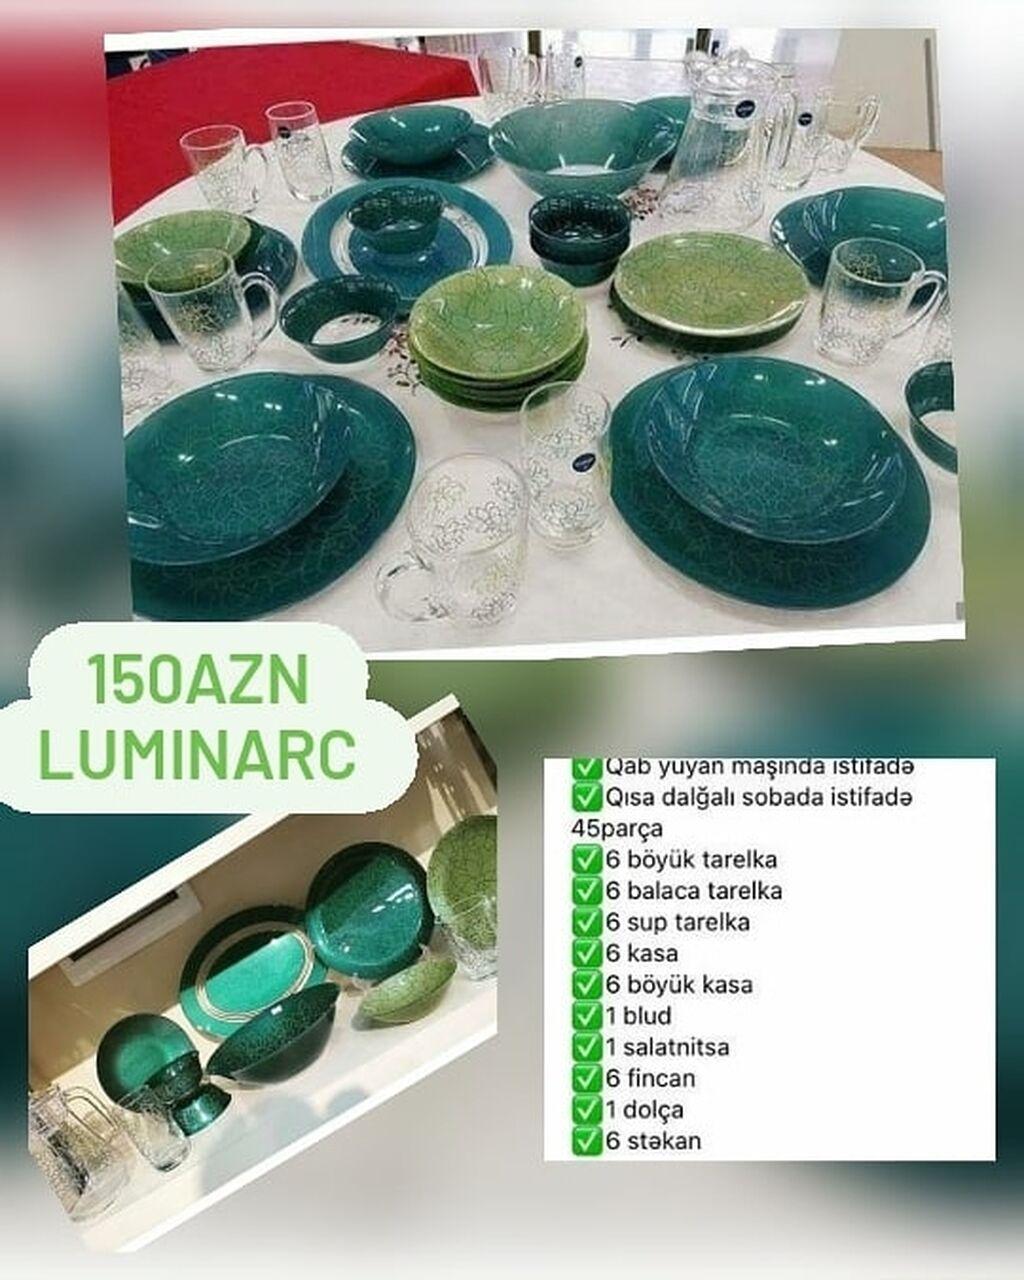 🎀150azn🎀Fransa istehsali Luminarc destYenidir isdifade olubmayib: 🎀150azn🎀Fransa istehsali Luminarc destYenidir isdifade olubmayib